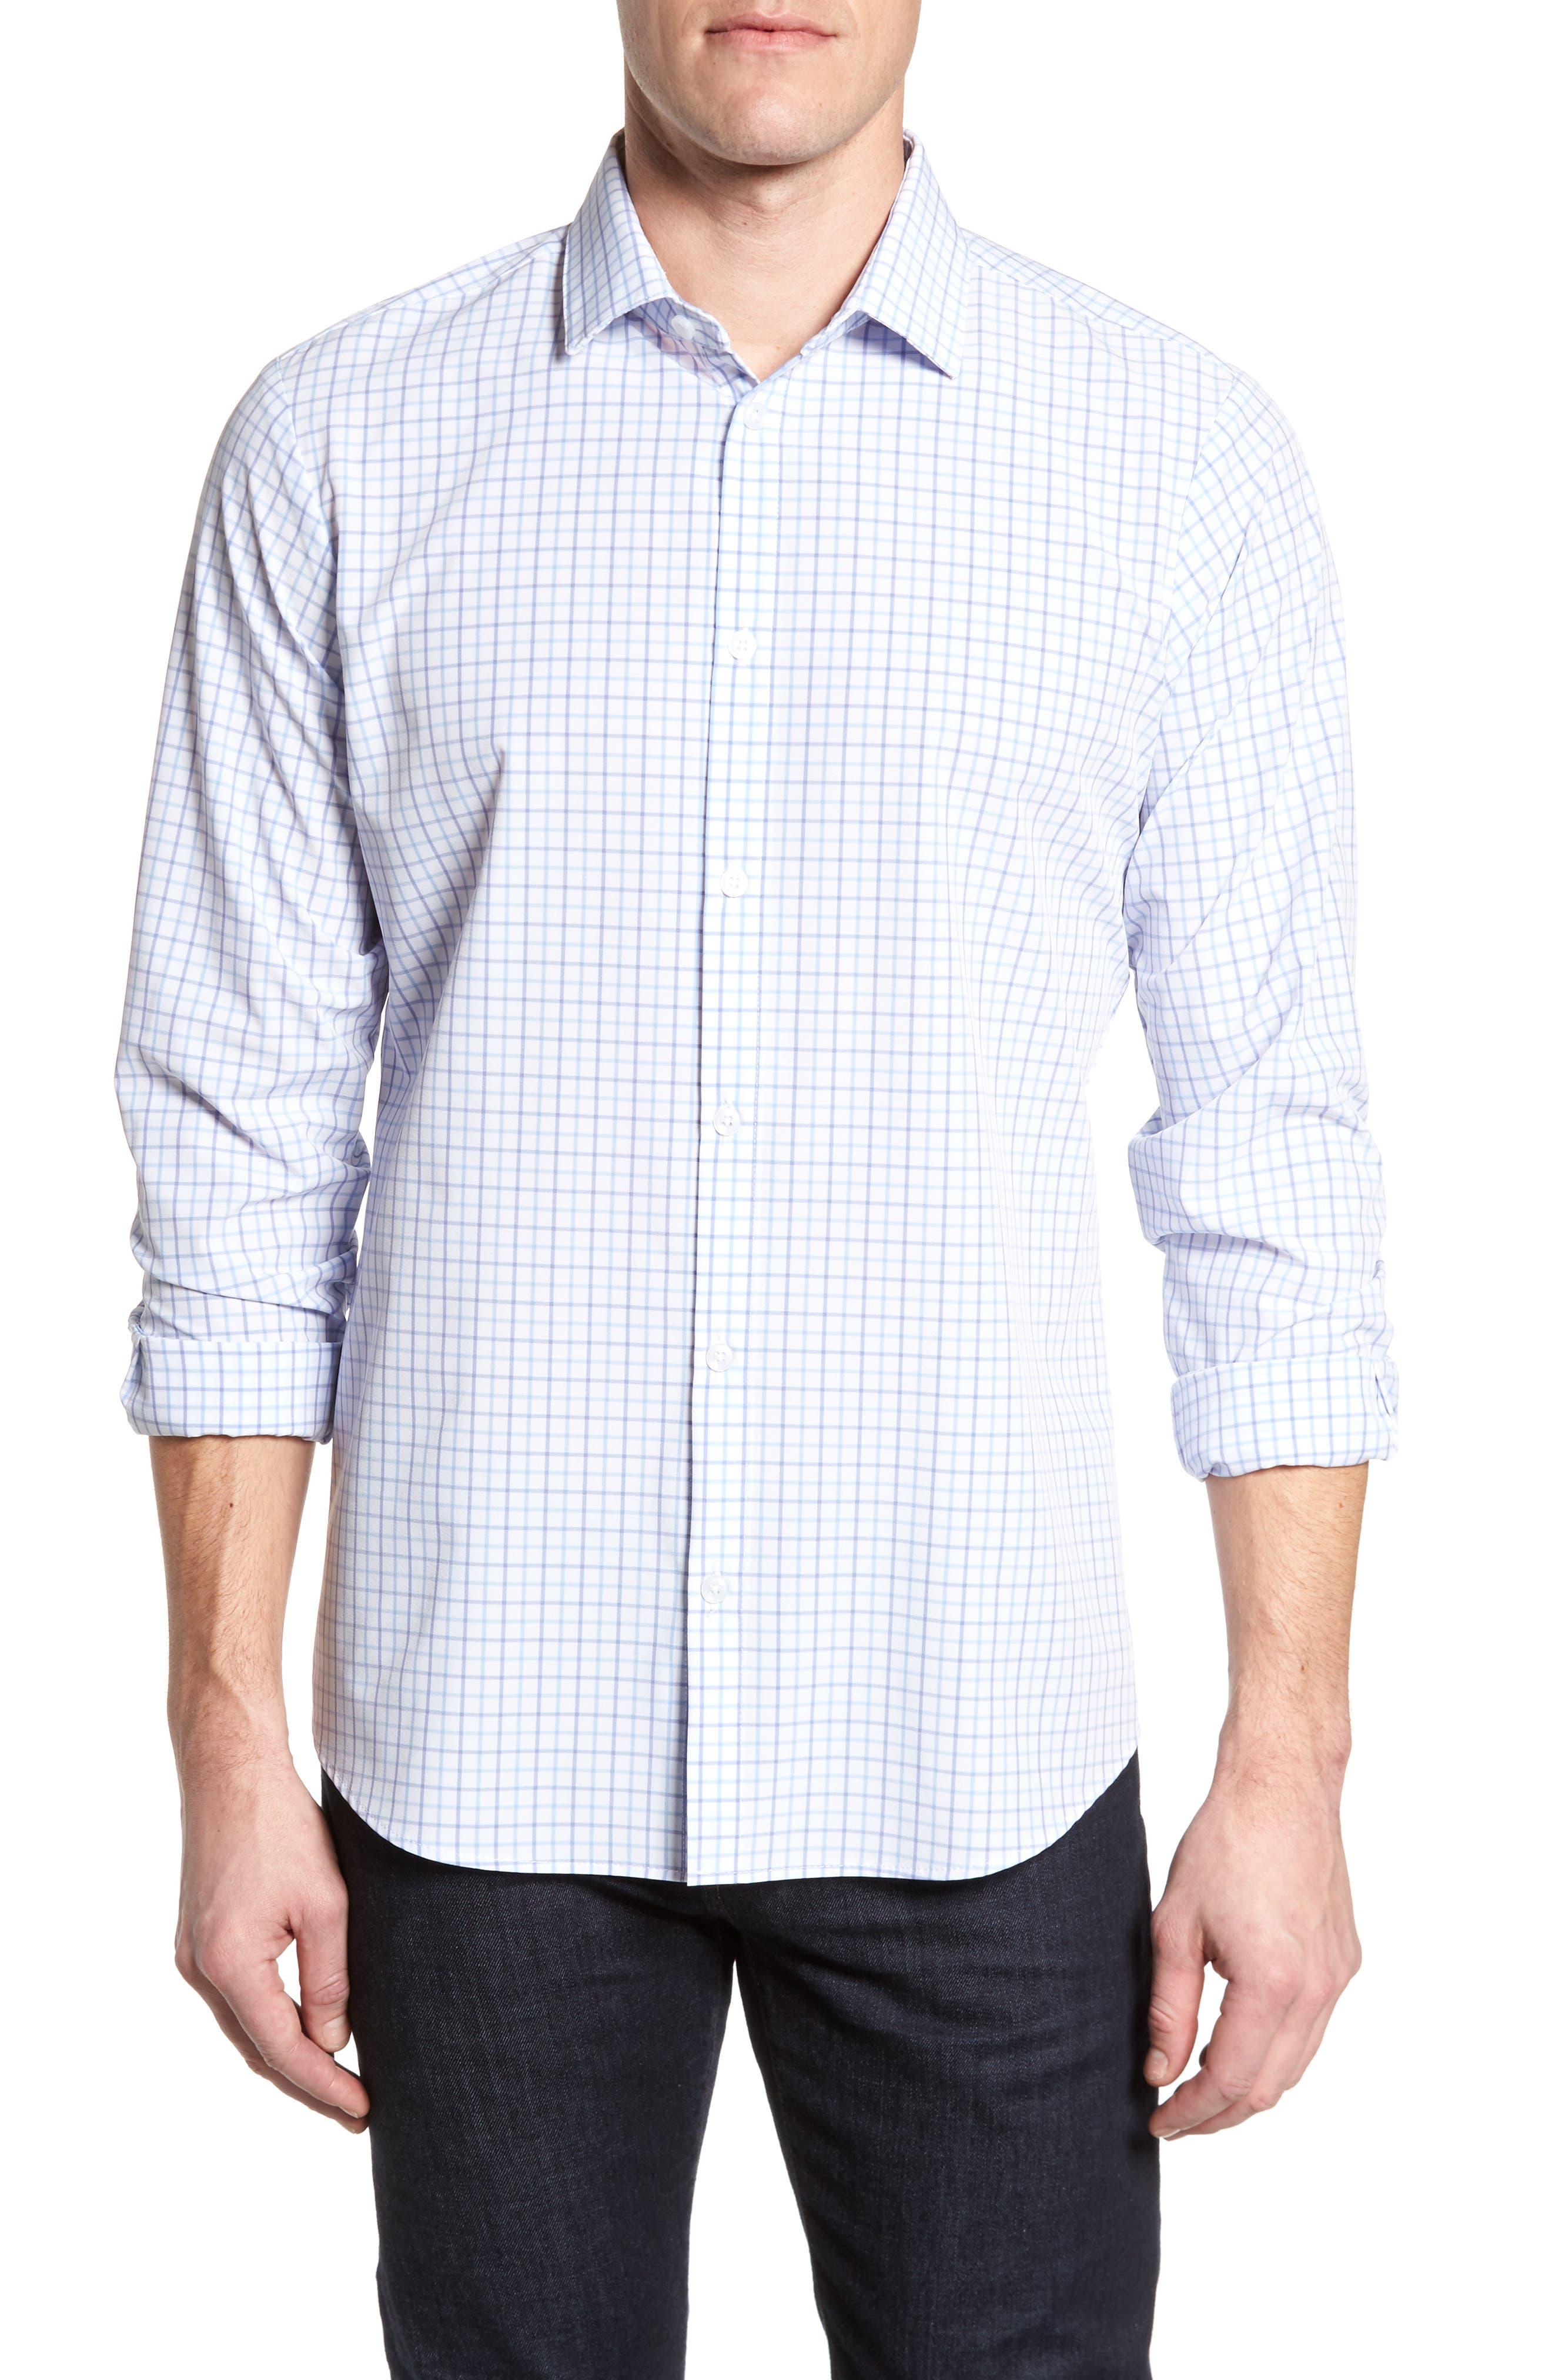 Hallandale Dusty Lavender Check Sport Shirt,                         Main,                         color, White